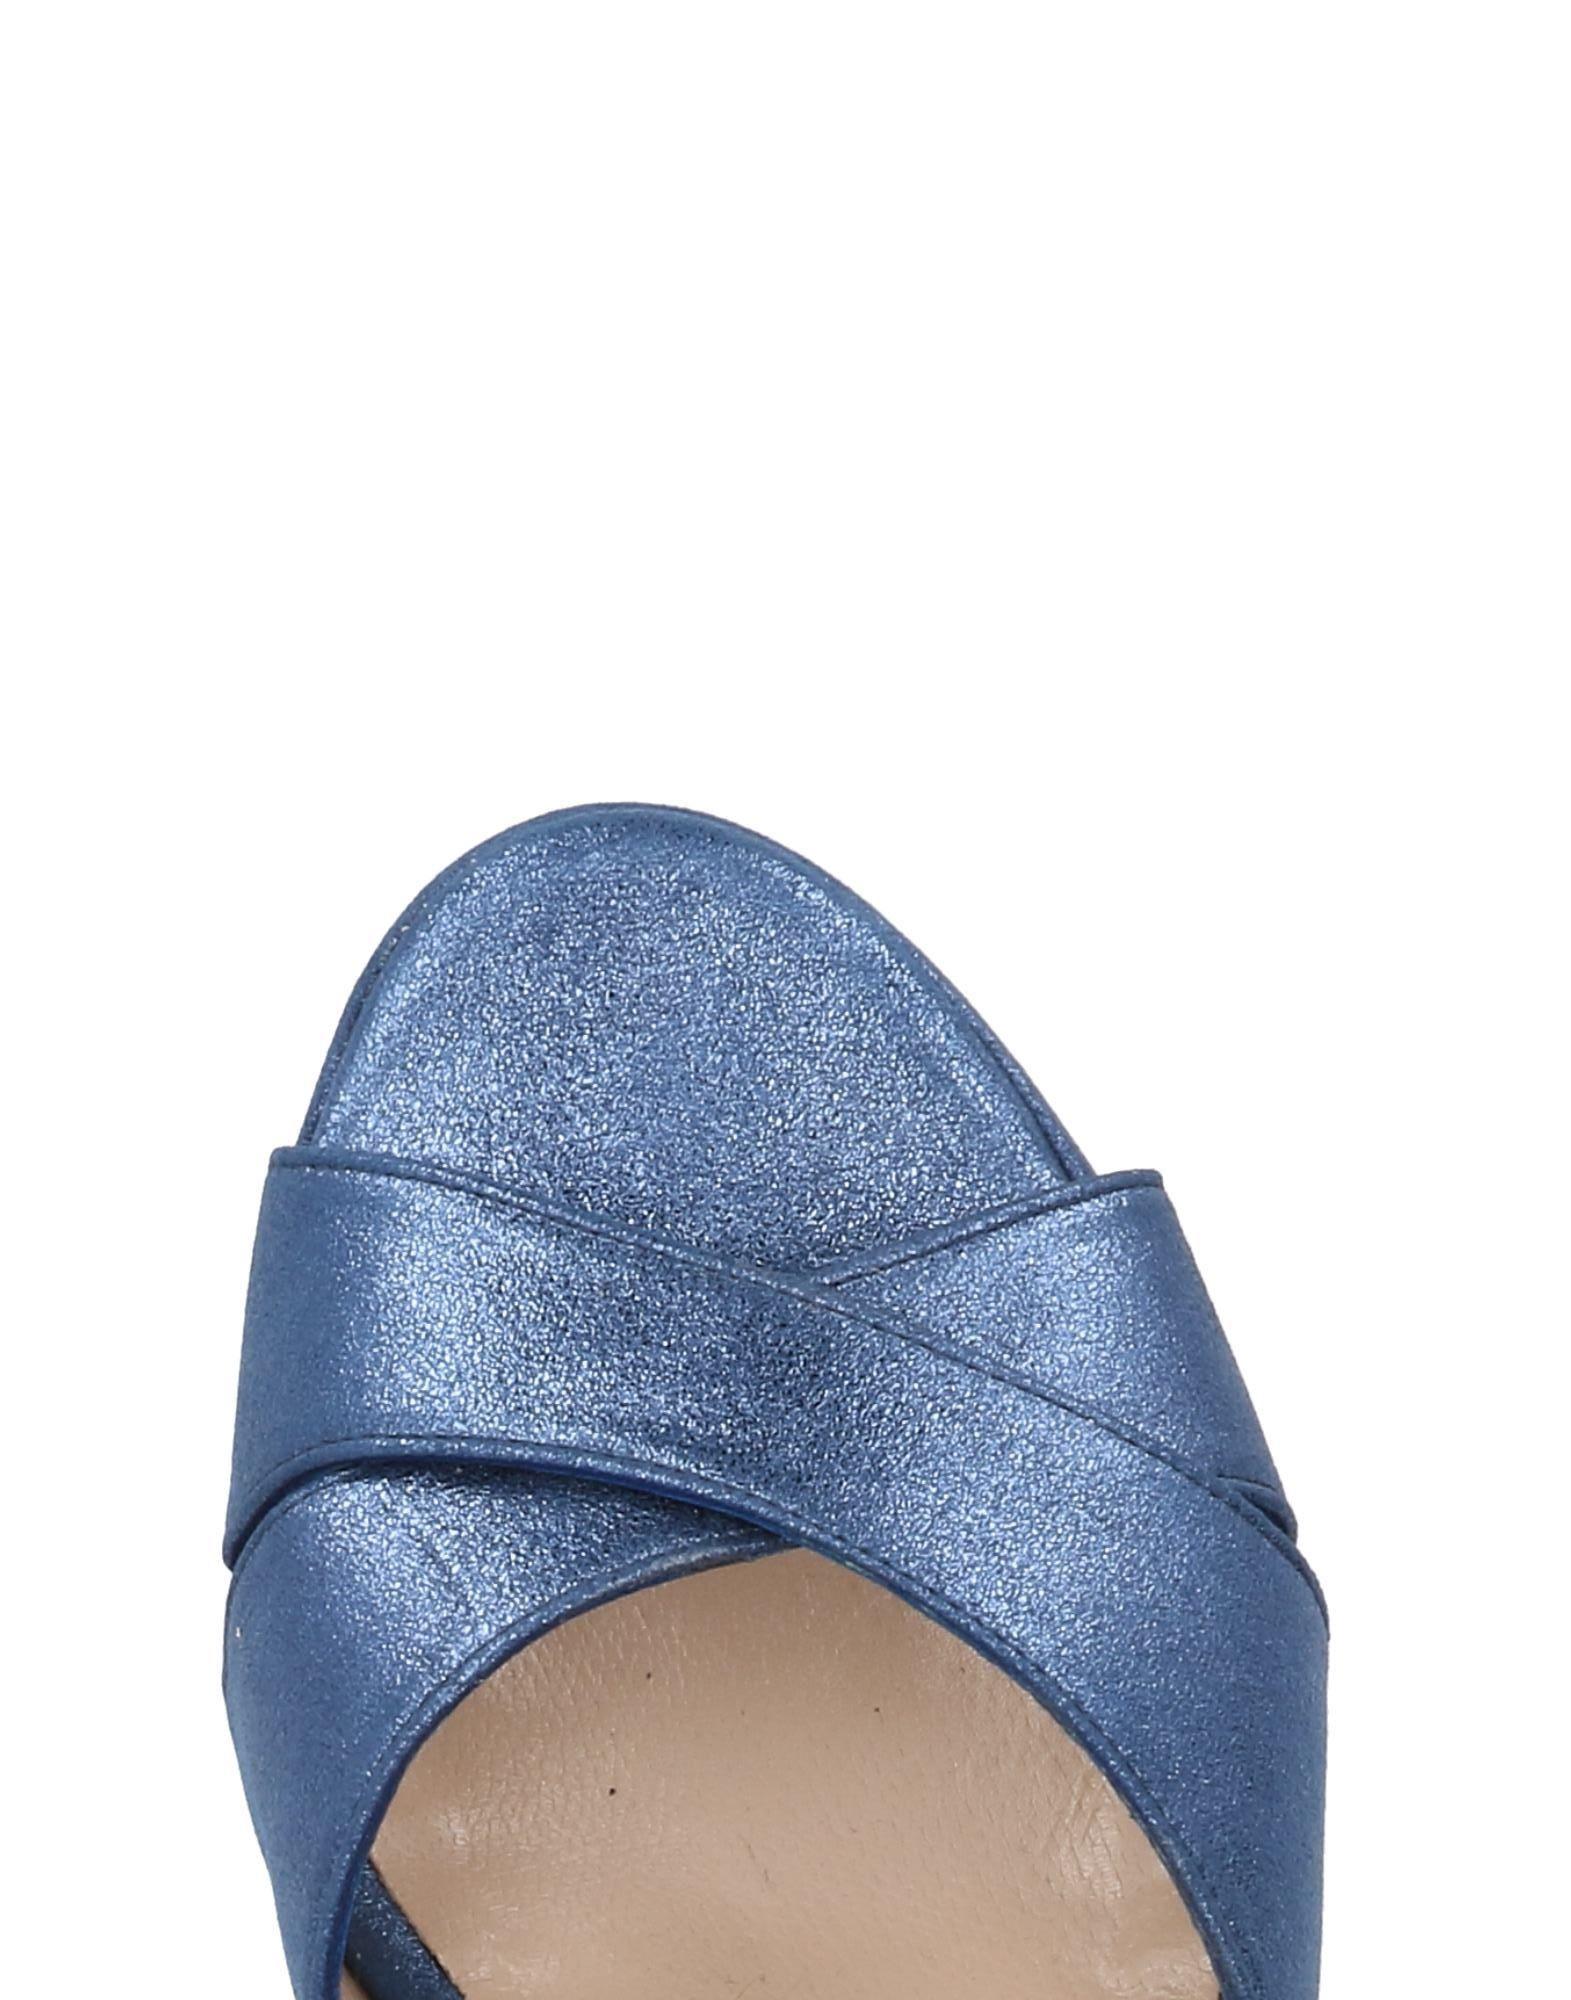 By A. Sandalen Damen    11432067DK Gute Qualität beliebte Schuhe 311d97